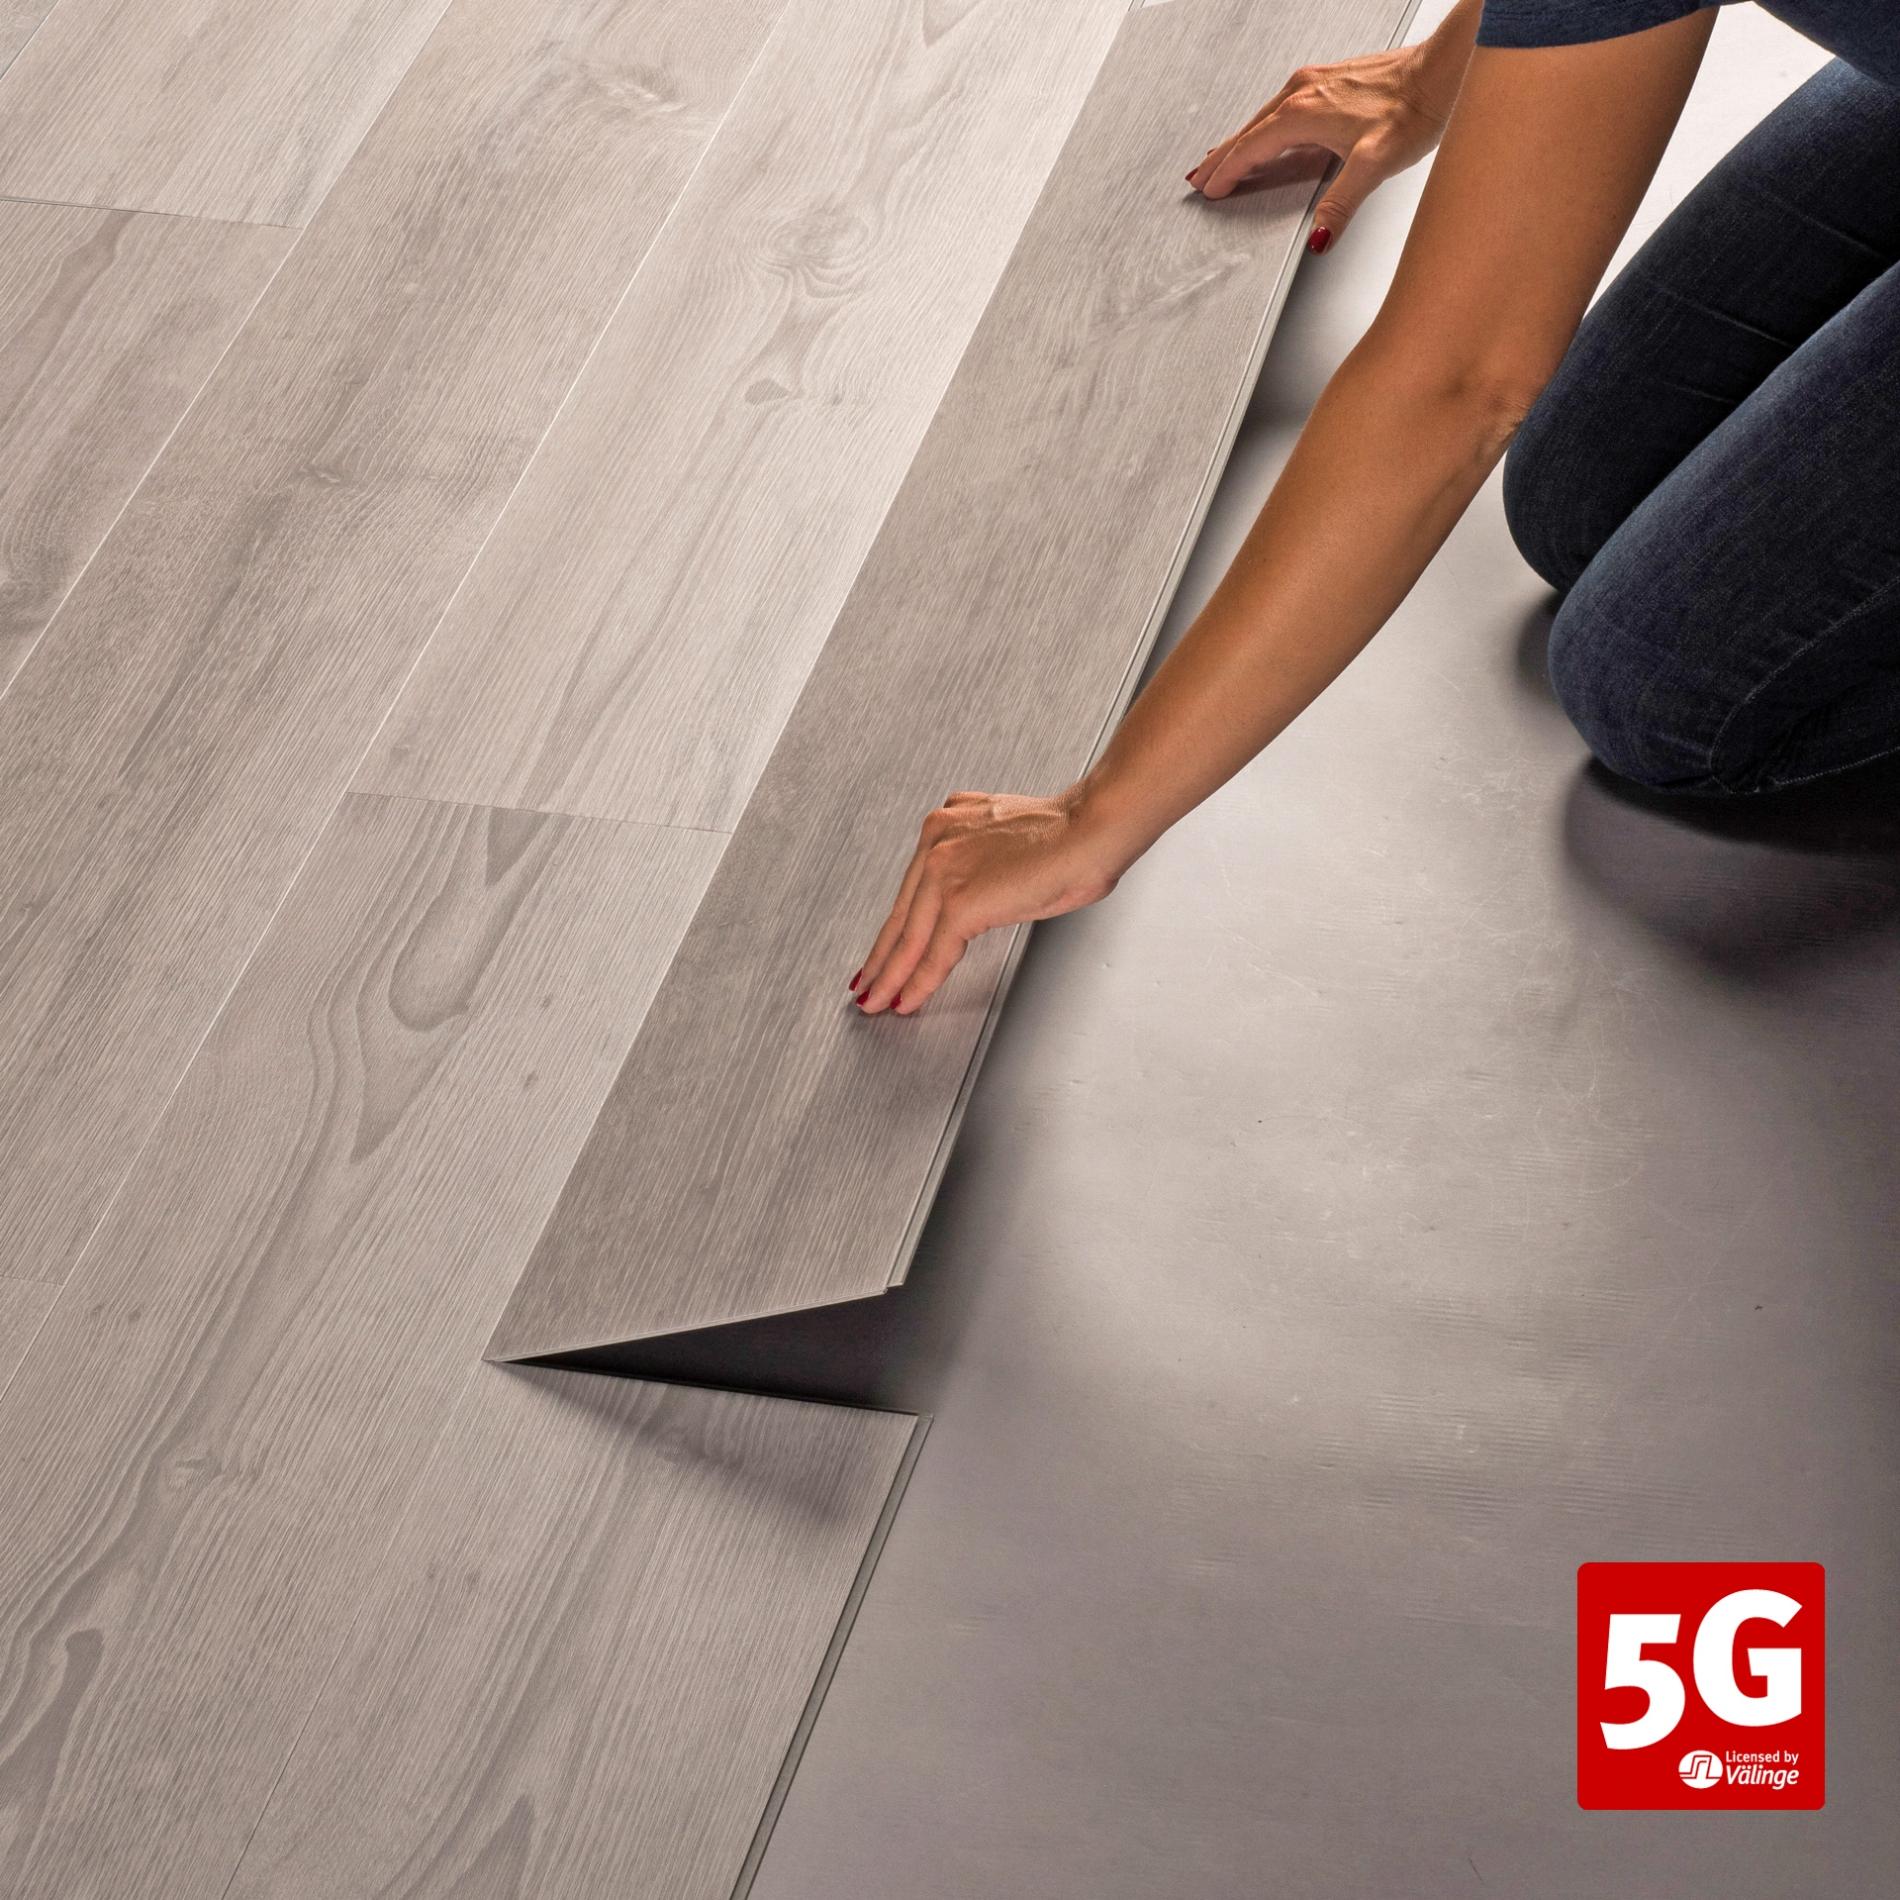 5G-LVT-installation_WEB+LOGO.jpg